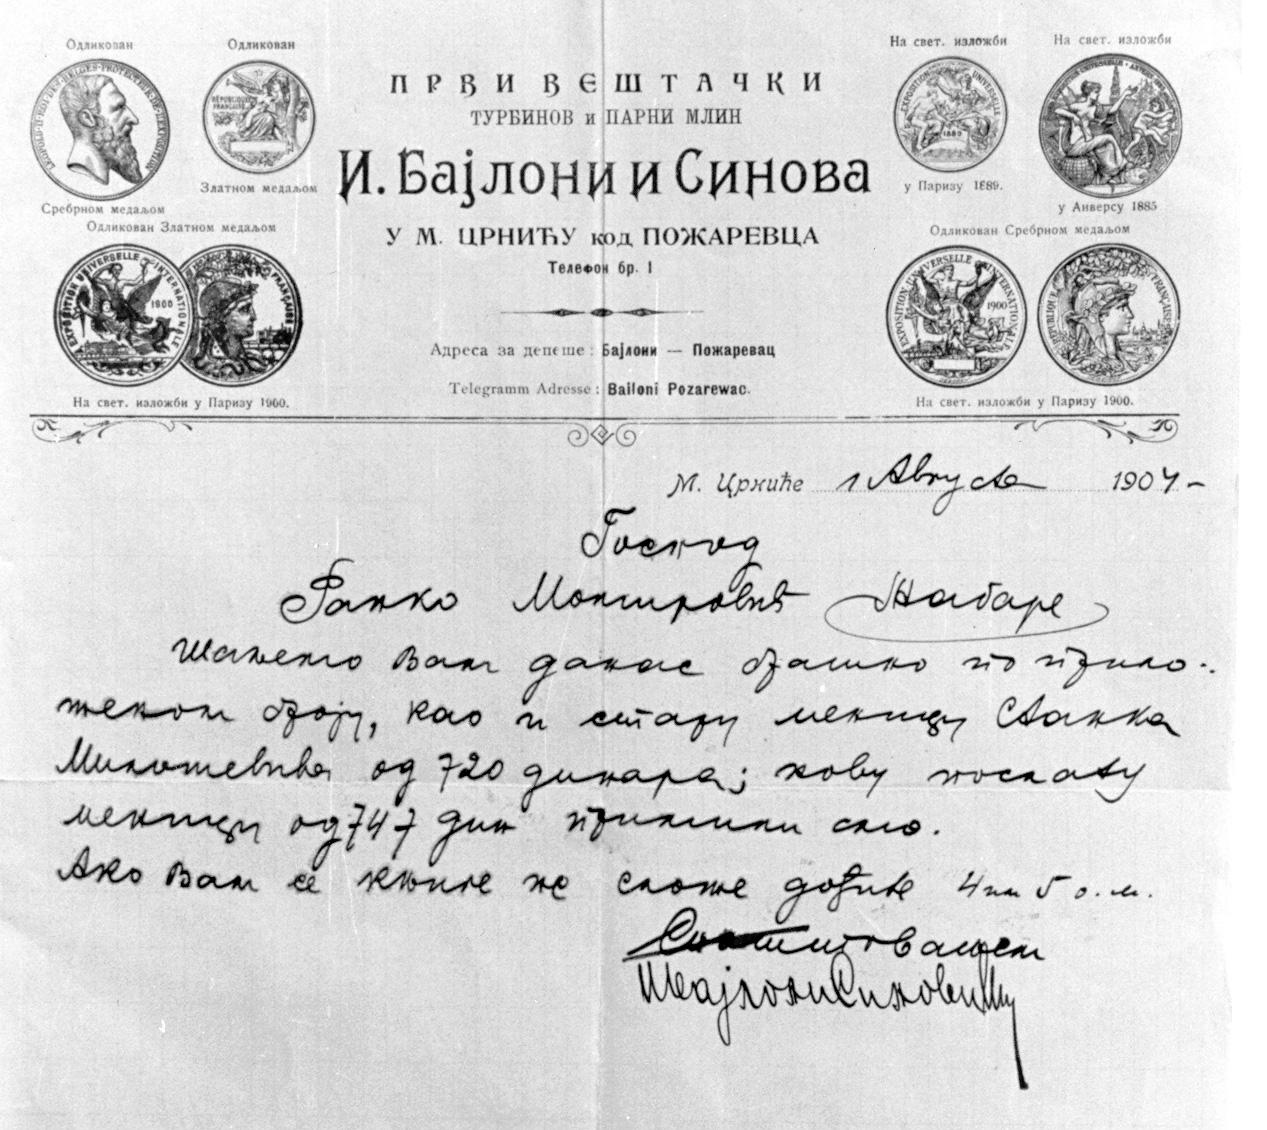 Poslovno pismo Ignjata Bajlonija